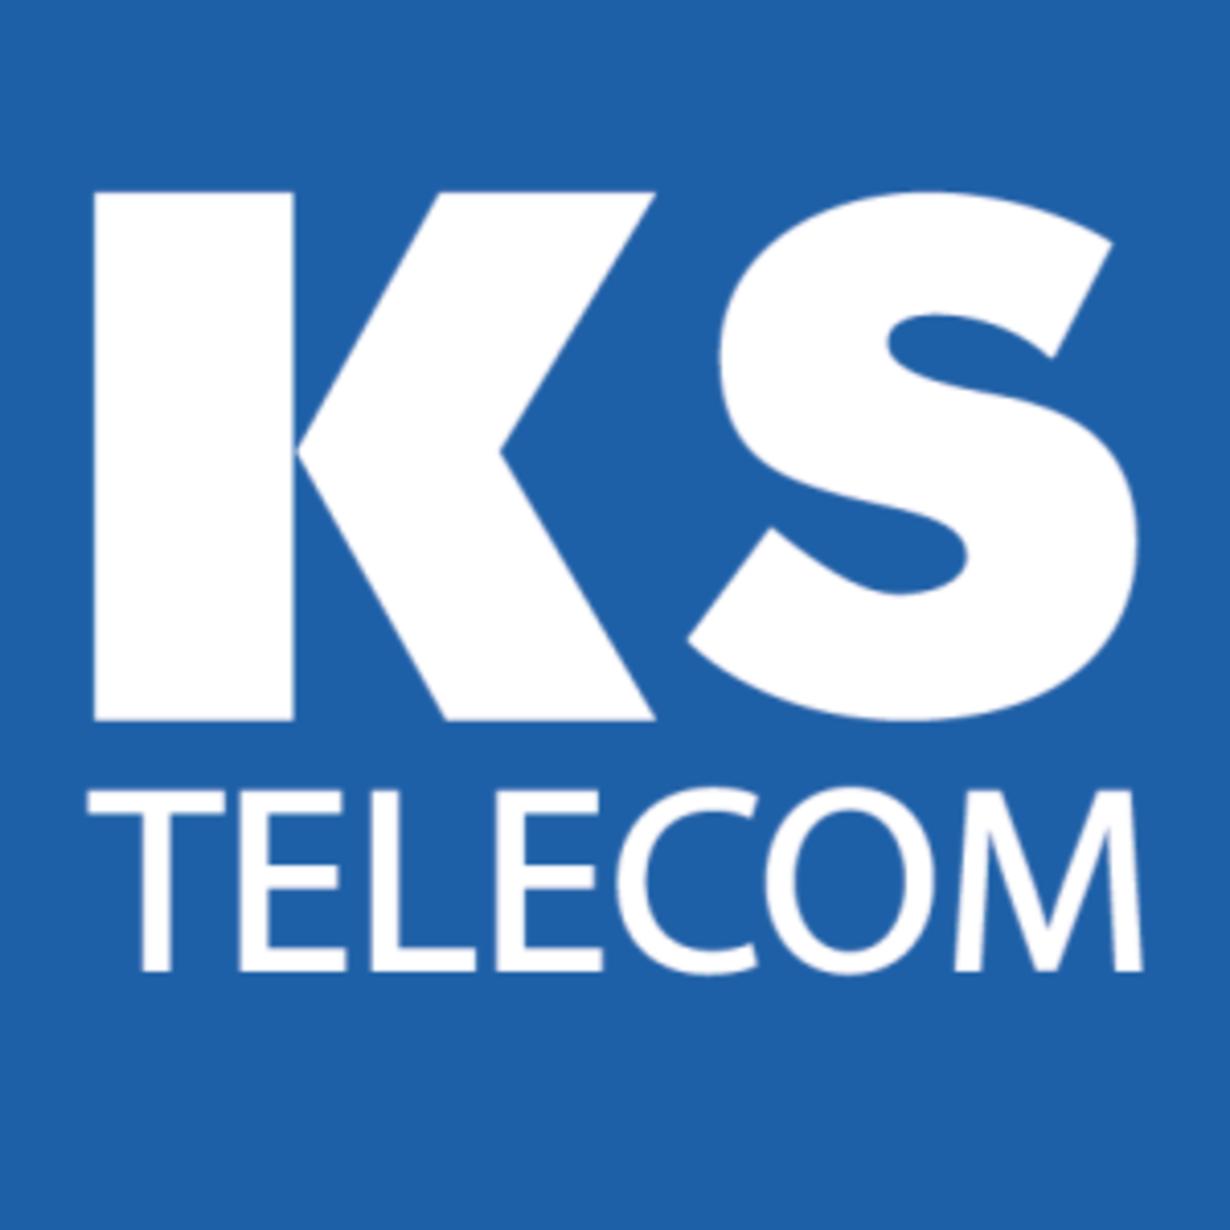 ks telecom